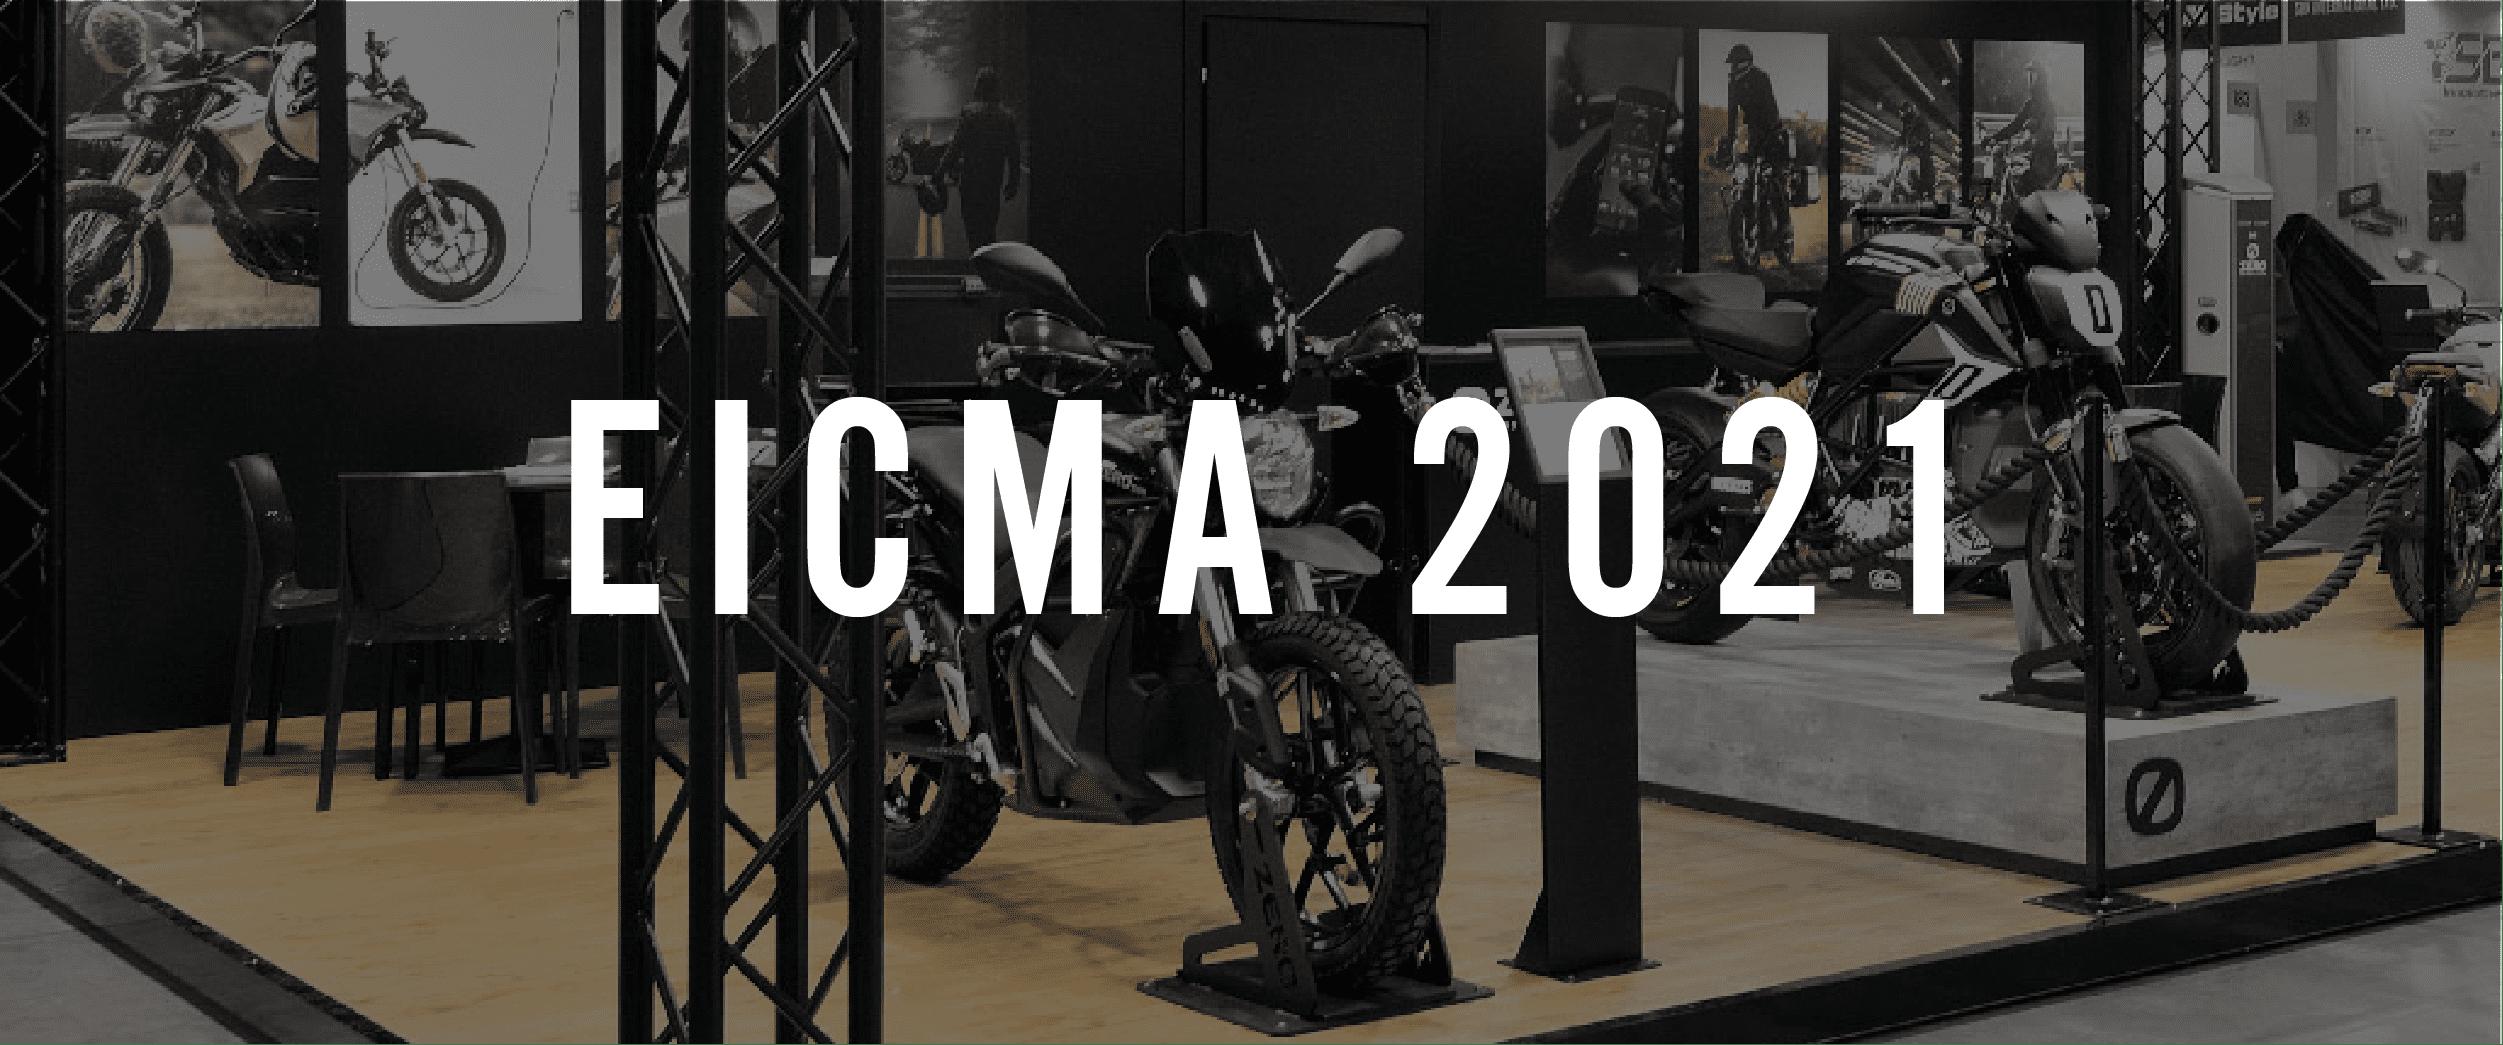 Zero EICMA 2021